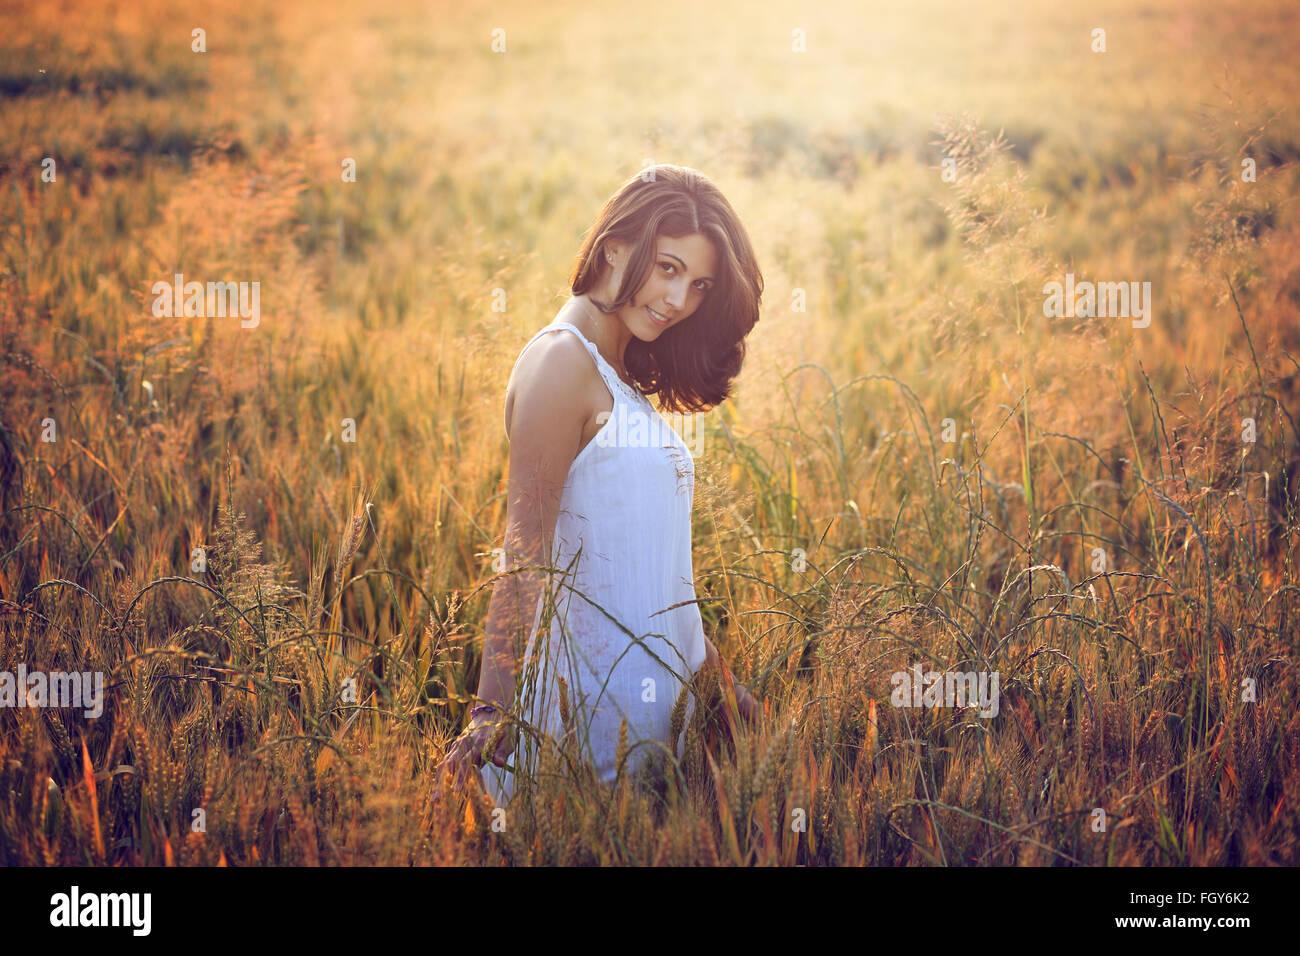 Bella giovane donna in un campo estivo. Calda luce del tramonto ritratto Immagini Stock